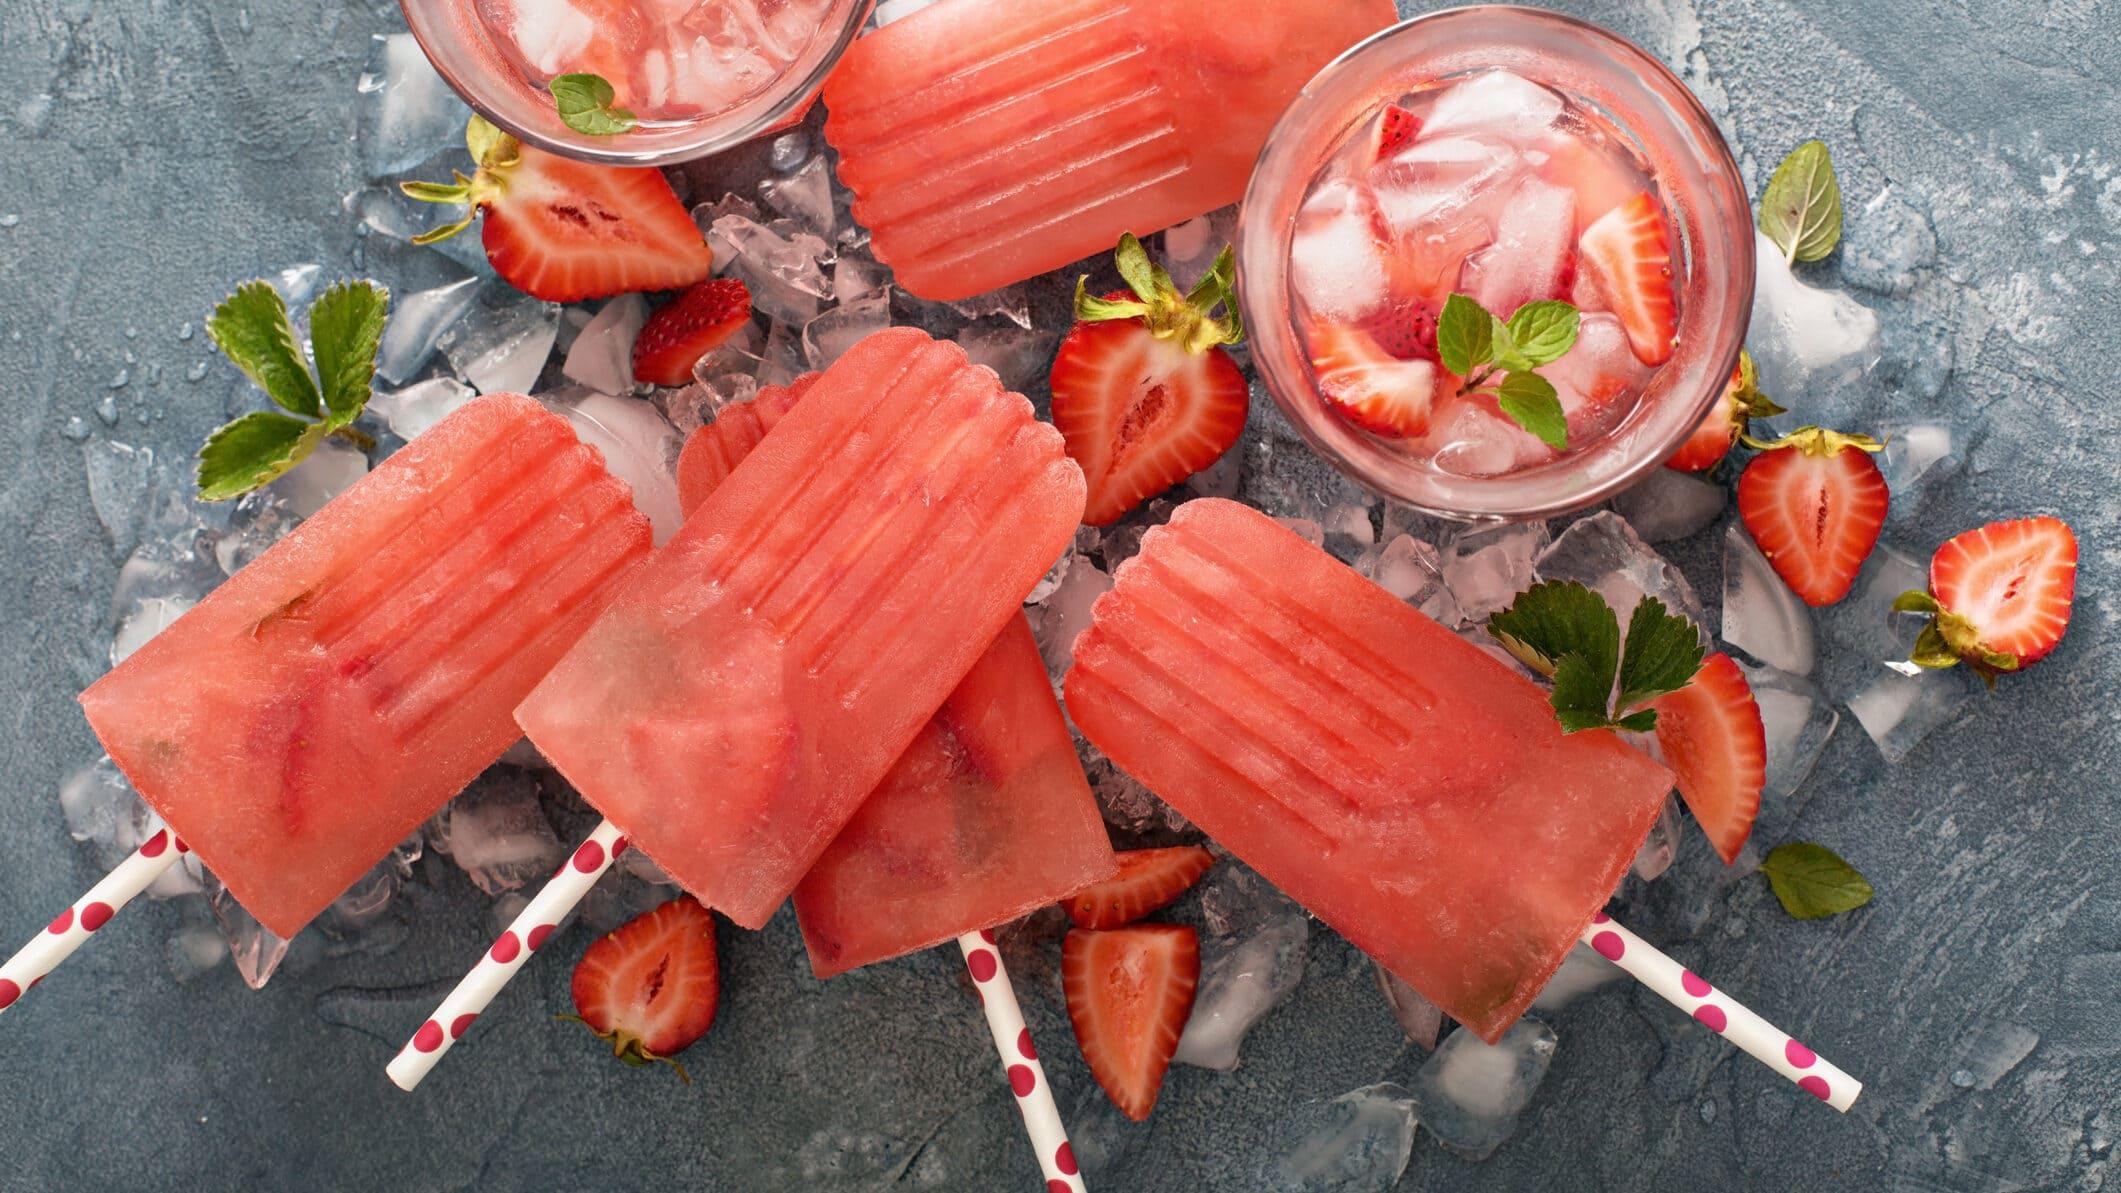 Erdbeer-Margarita Pop-Sicles auf grauer Unterlage, daneben Erdbeeren